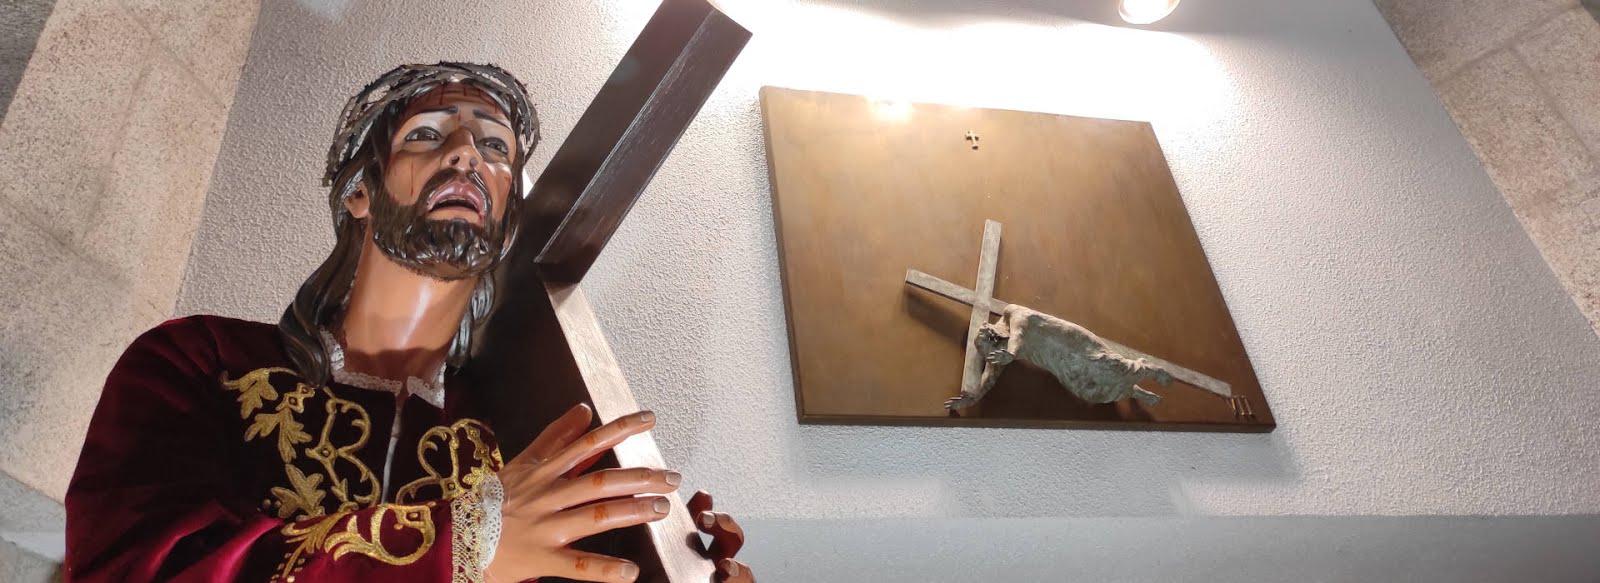 """La cruz de Cristo expresa amor, servicio, entrega sin reservas: es el """"árbol de la vida"""""""